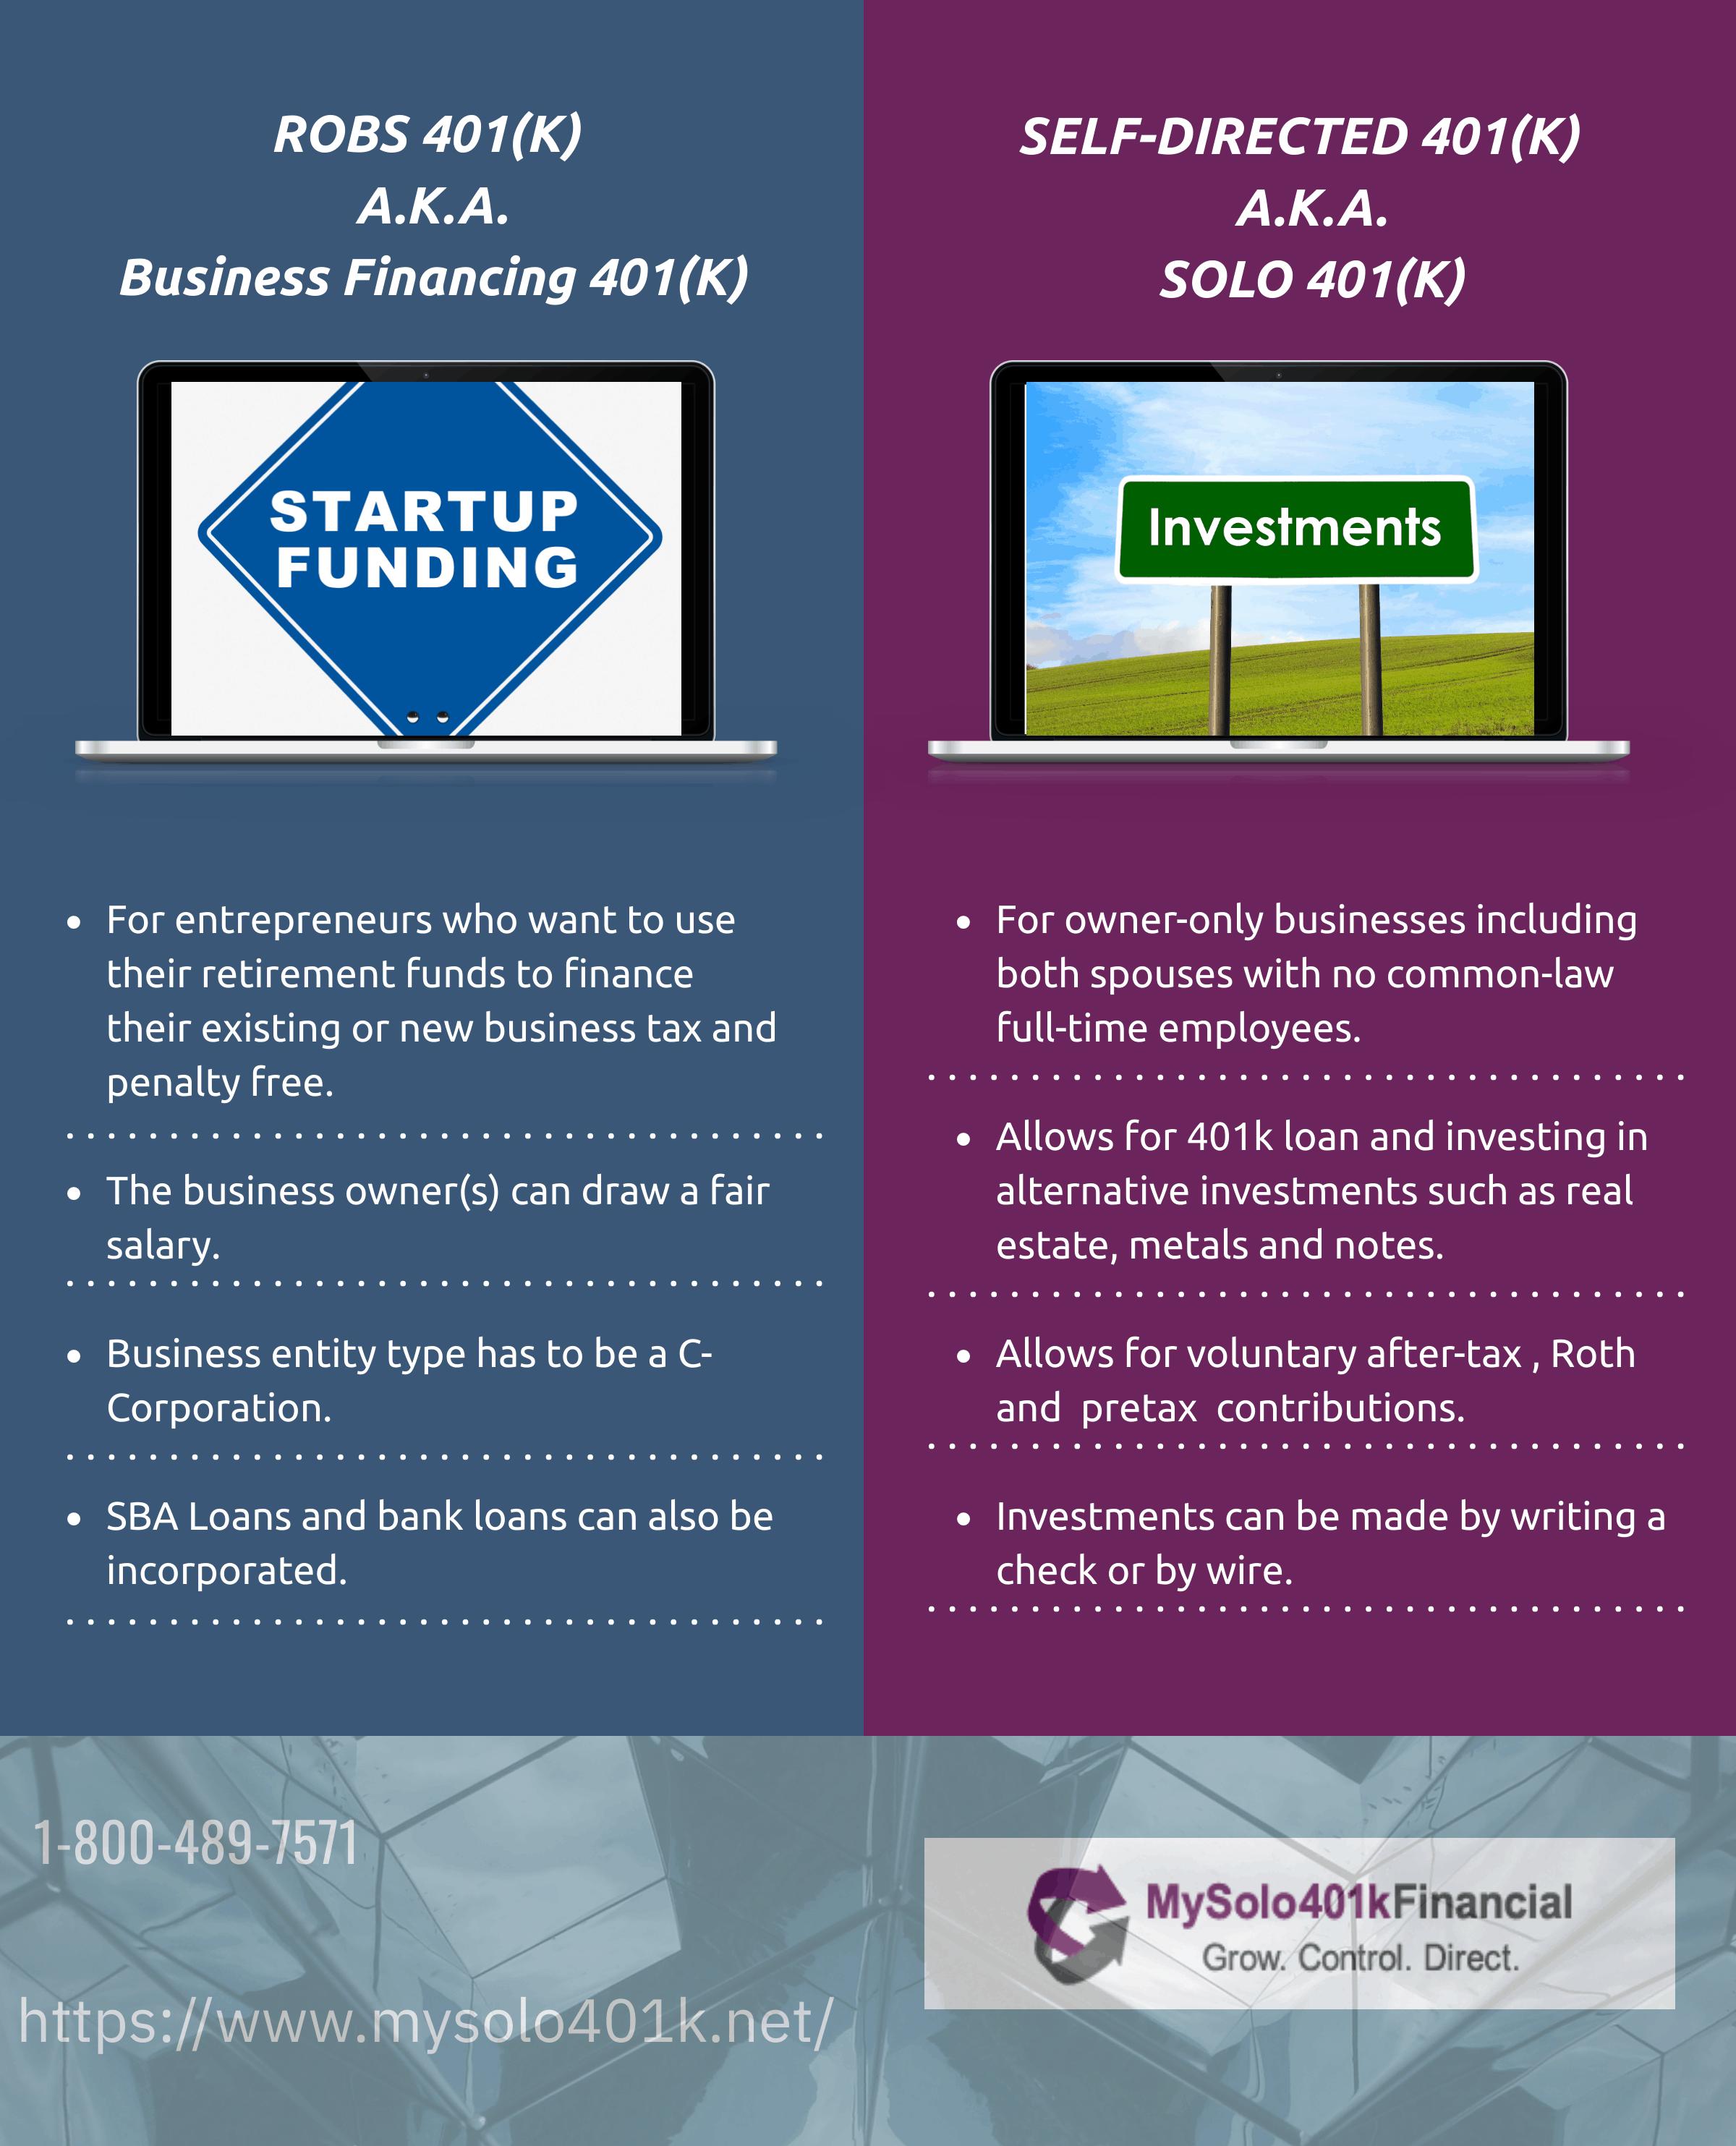 Compare the Self-Directed 401k vs the Solo 401k